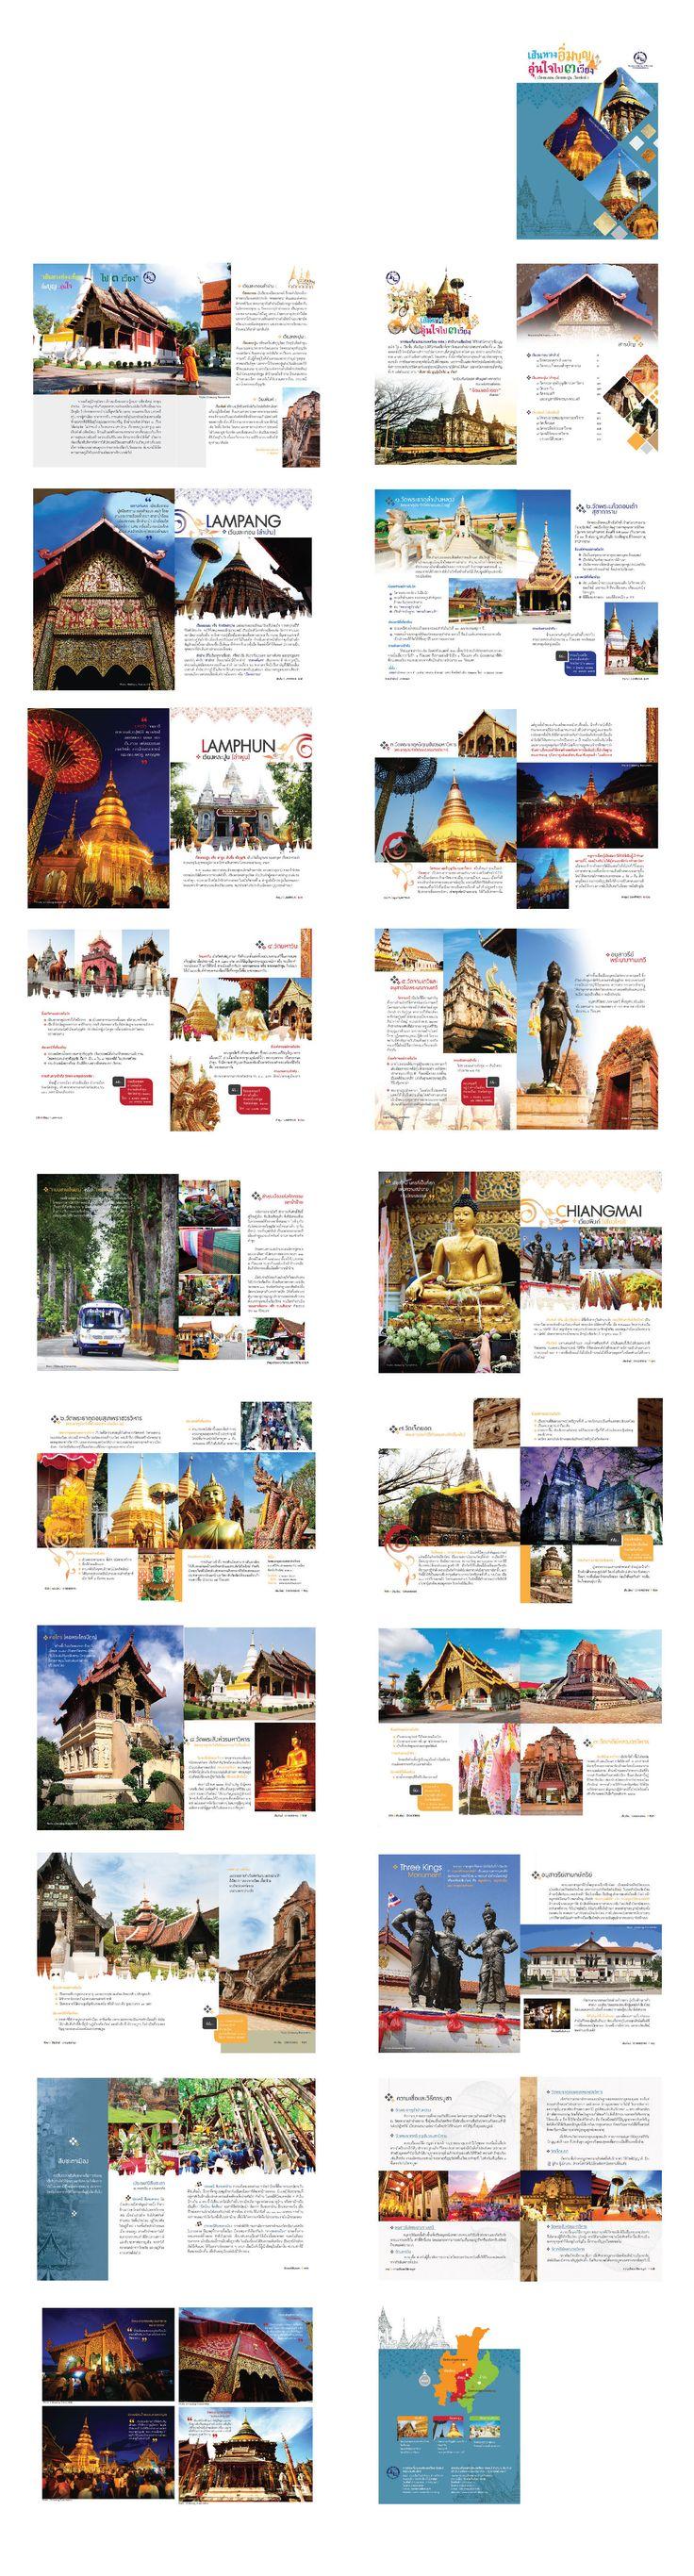 3 Province Trip 2013 magazine layout